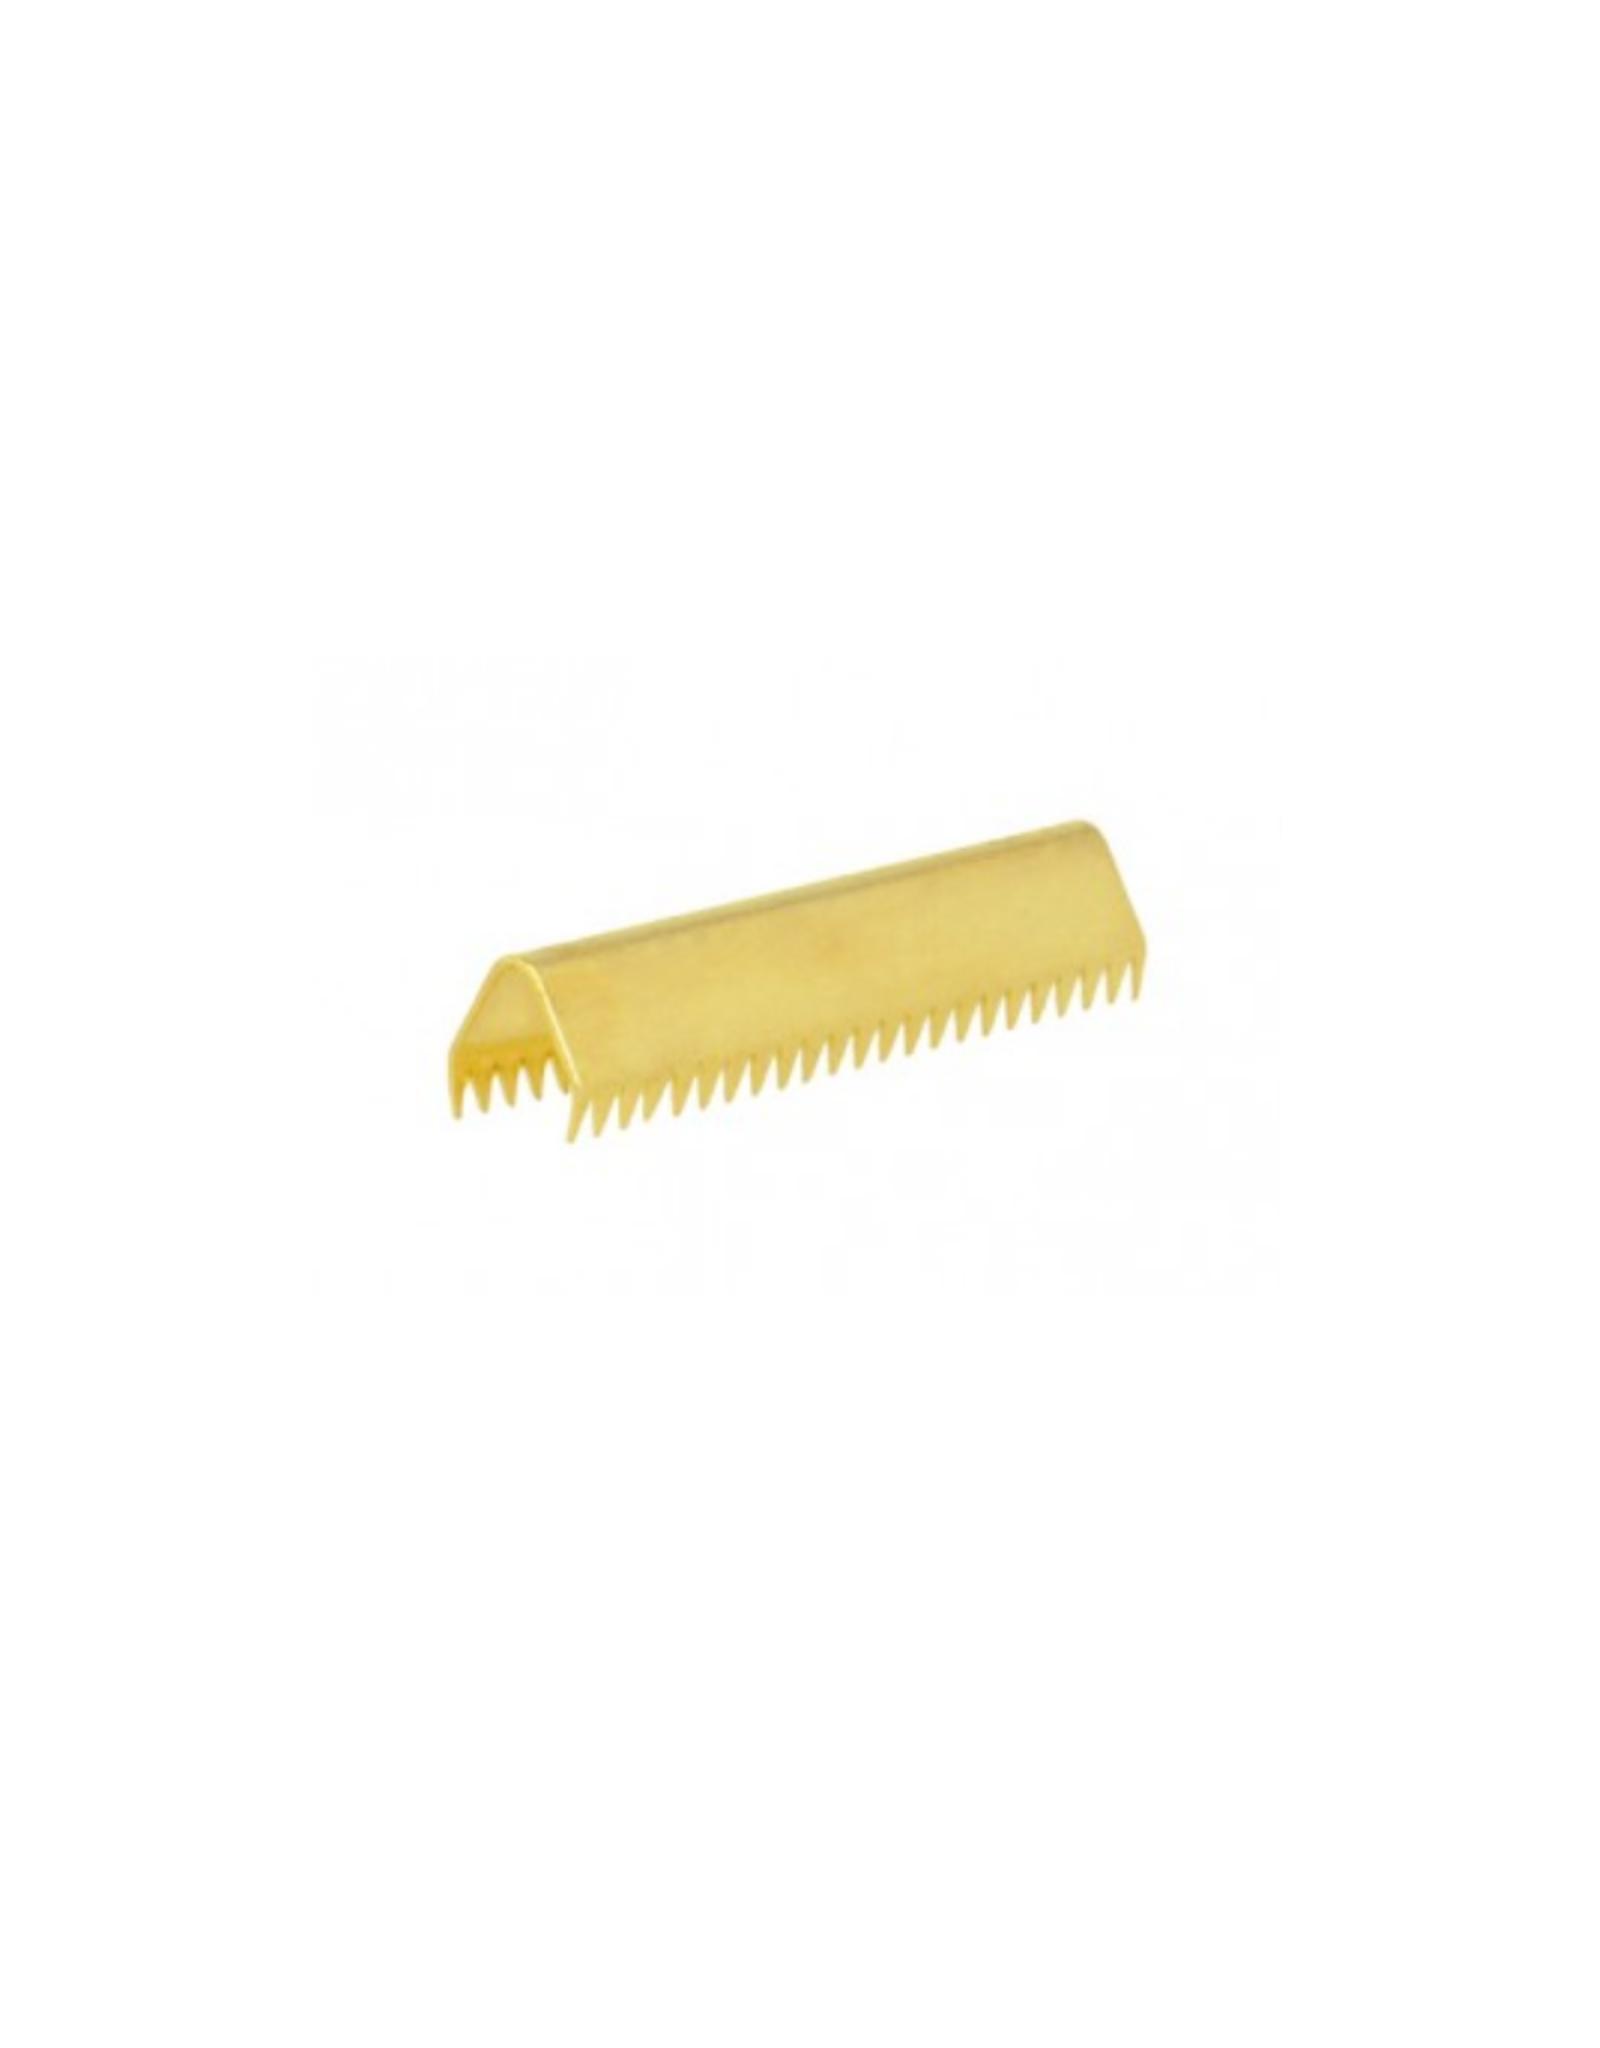 Eindje voor tassenband - 30mm - Goud